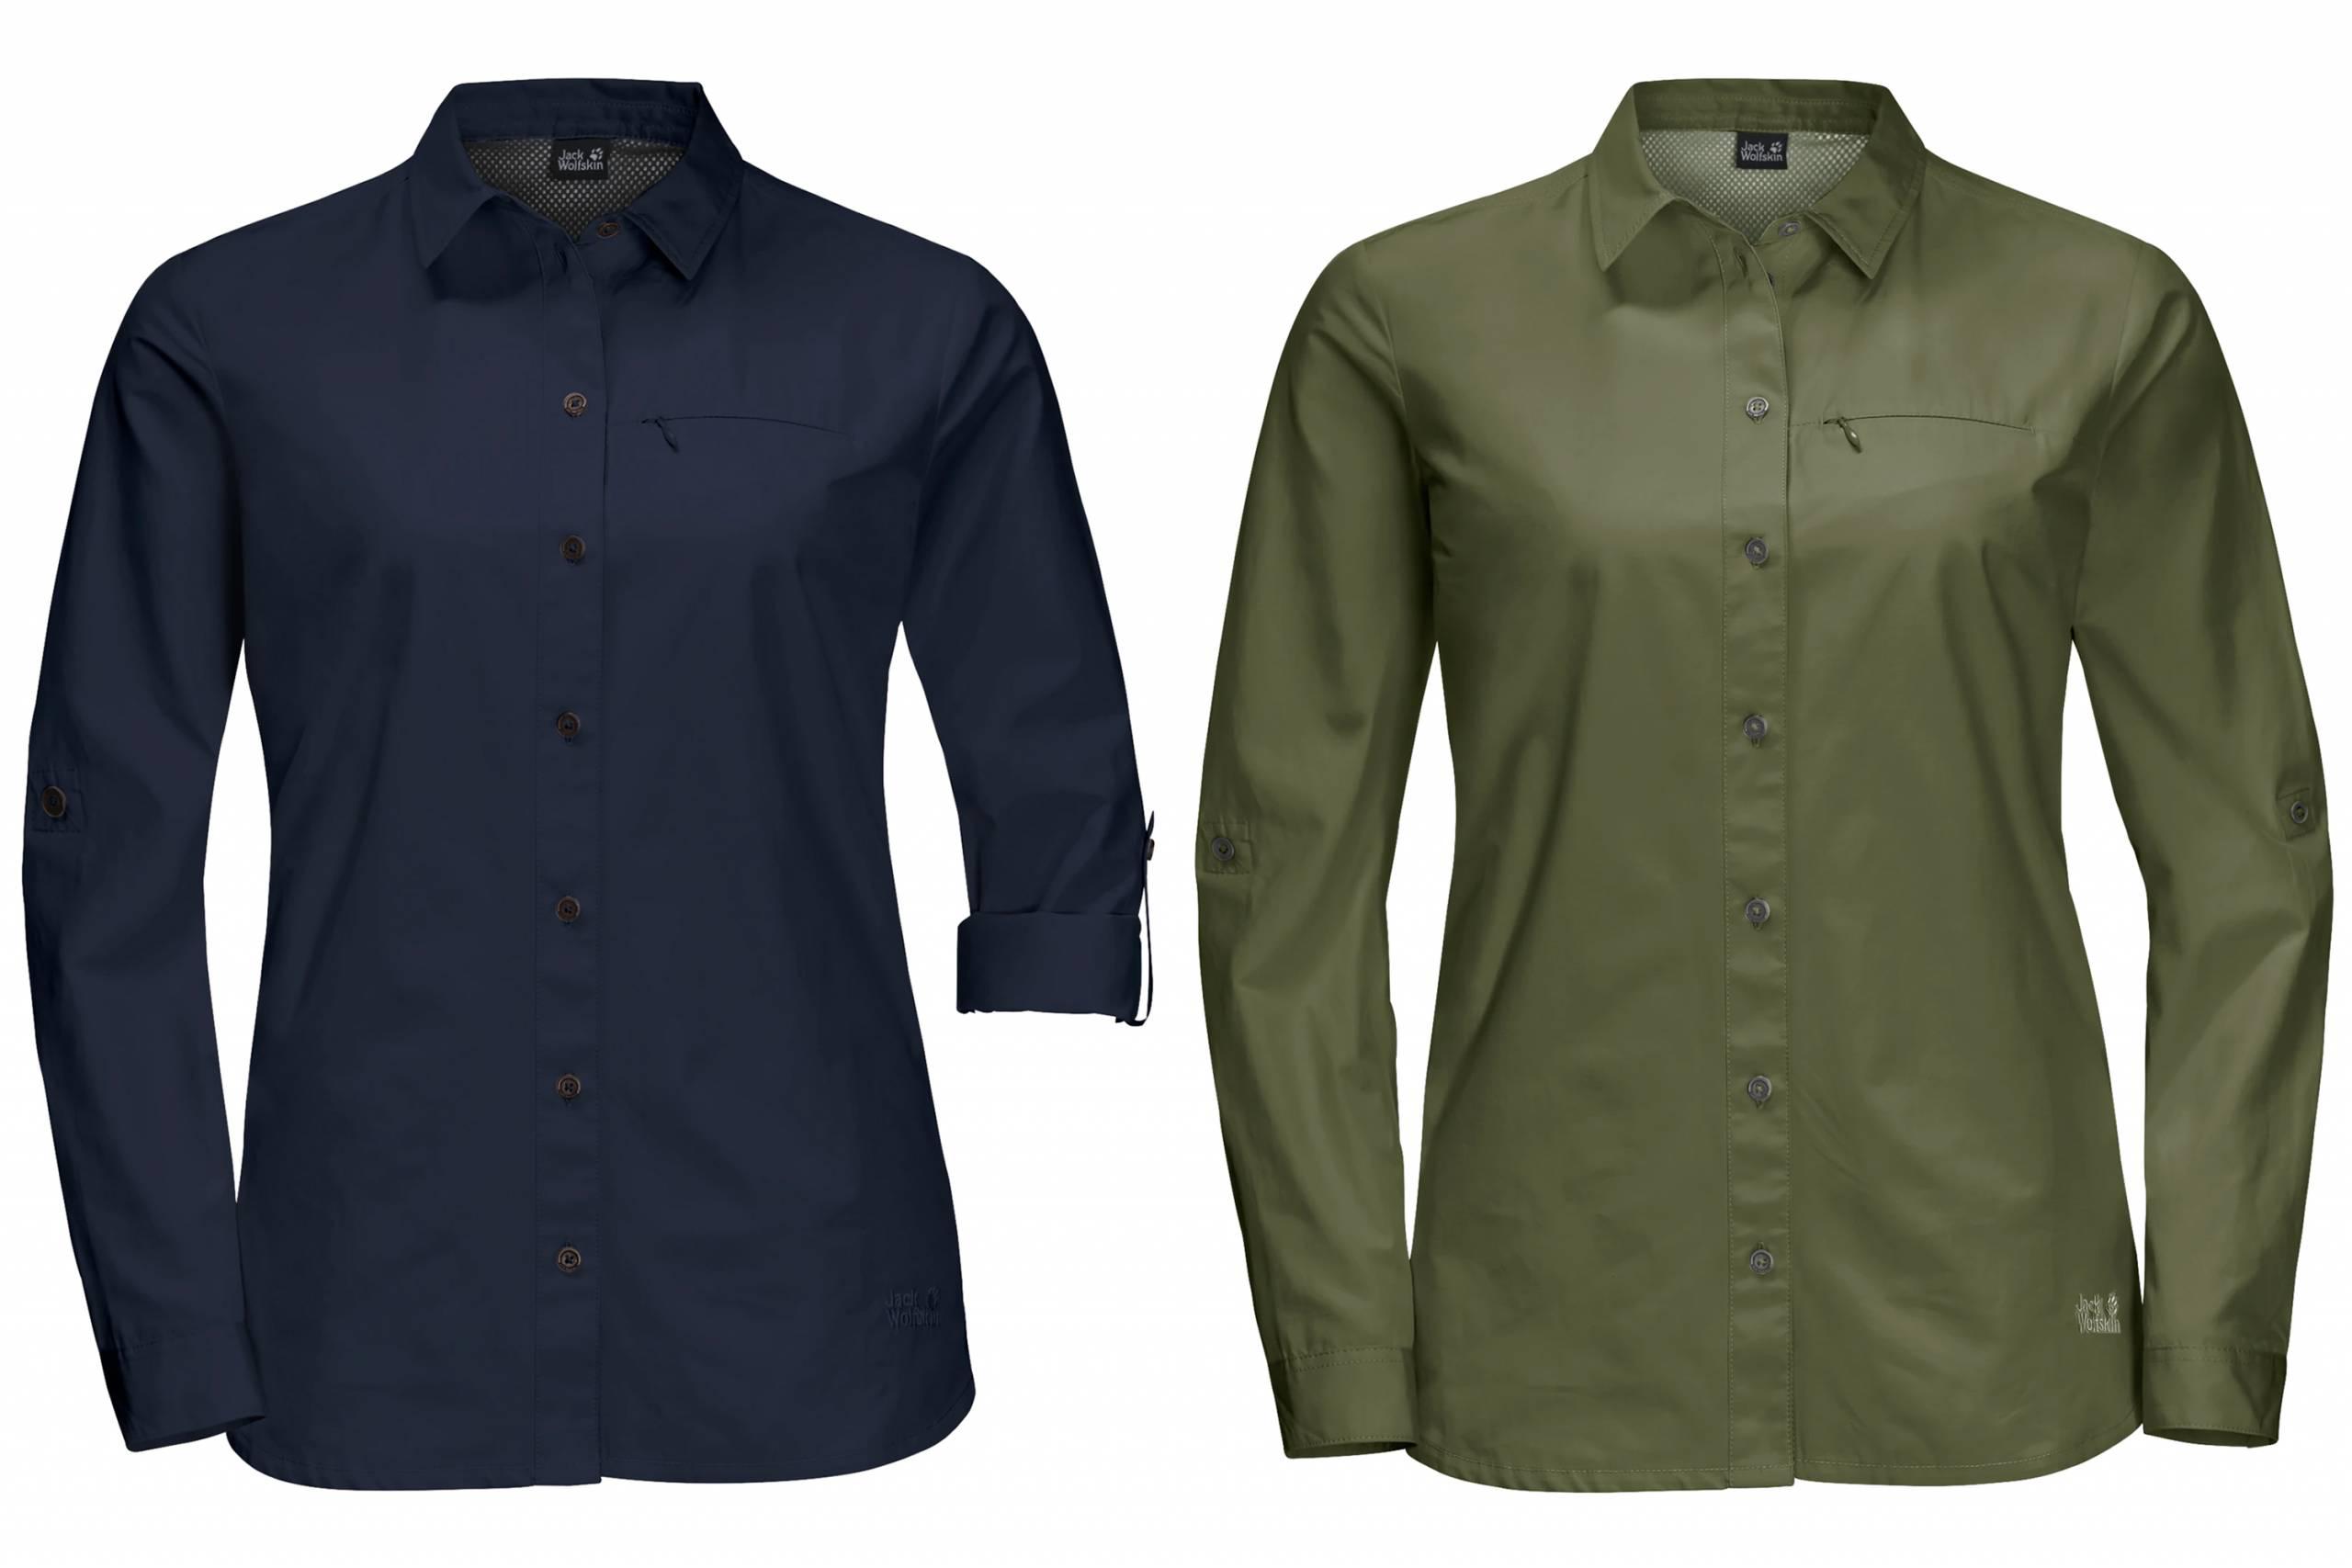 Jack Wolfskin Lakeside Roll-Up Shirt